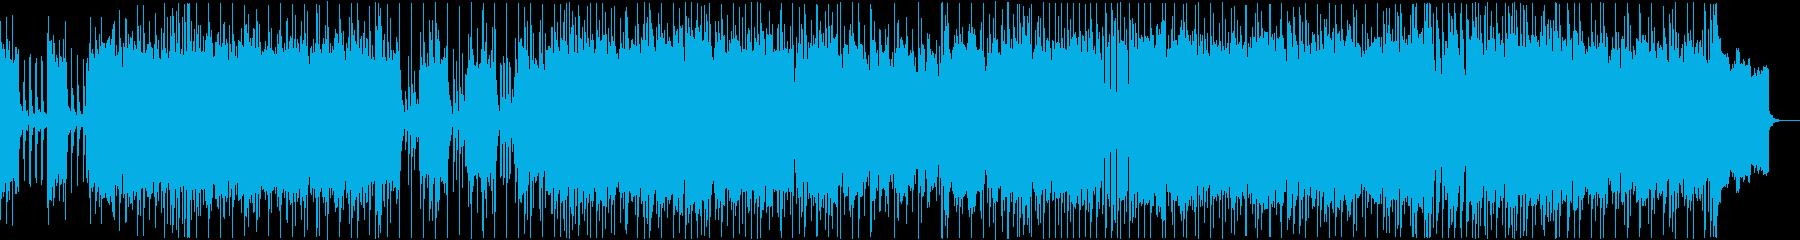 アップテンポで軽快なロック楽曲の再生済みの波形